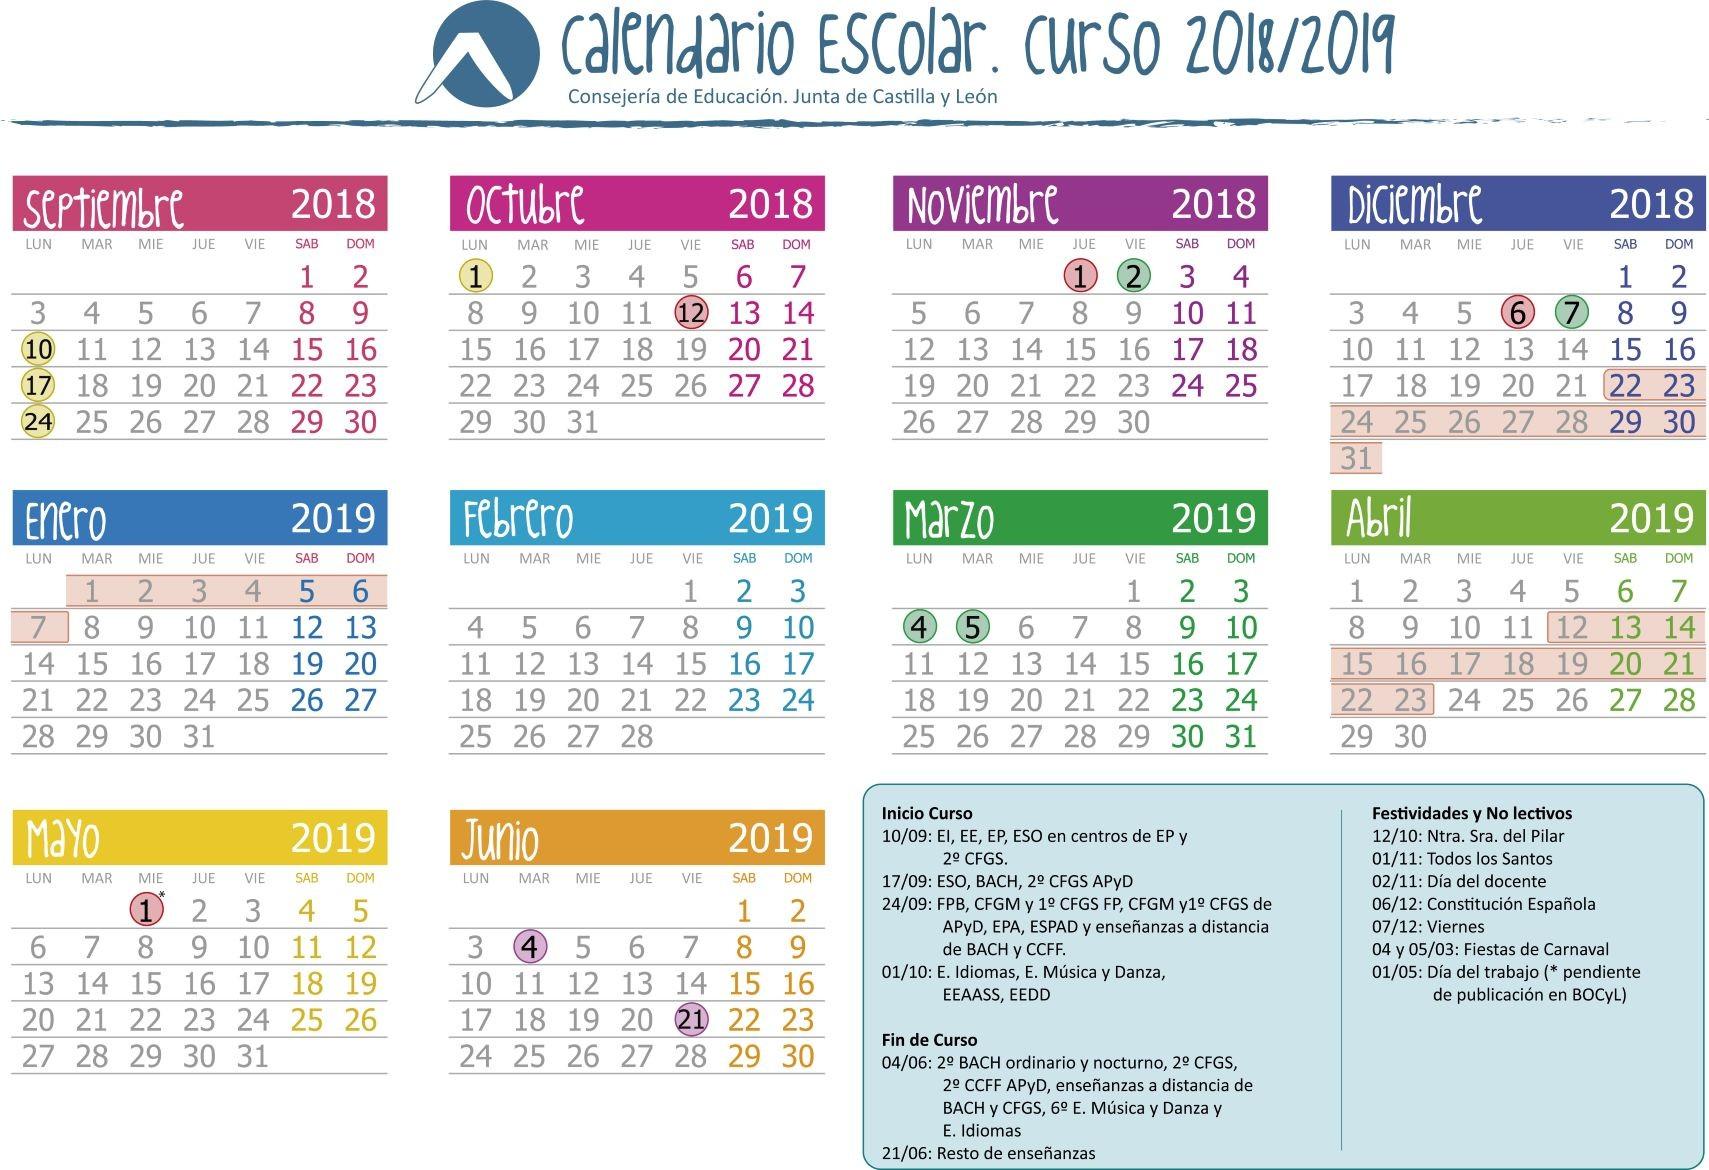 Calendario Escolar 2019 Mexico Con Dias Festivos Actual Ayer Te Vi Heredia Of Calendario Escolar 2019 Mexico Con Dias Festivos Más Actual Presentan El Calendario Escolar 2018 2019 Diario Basta